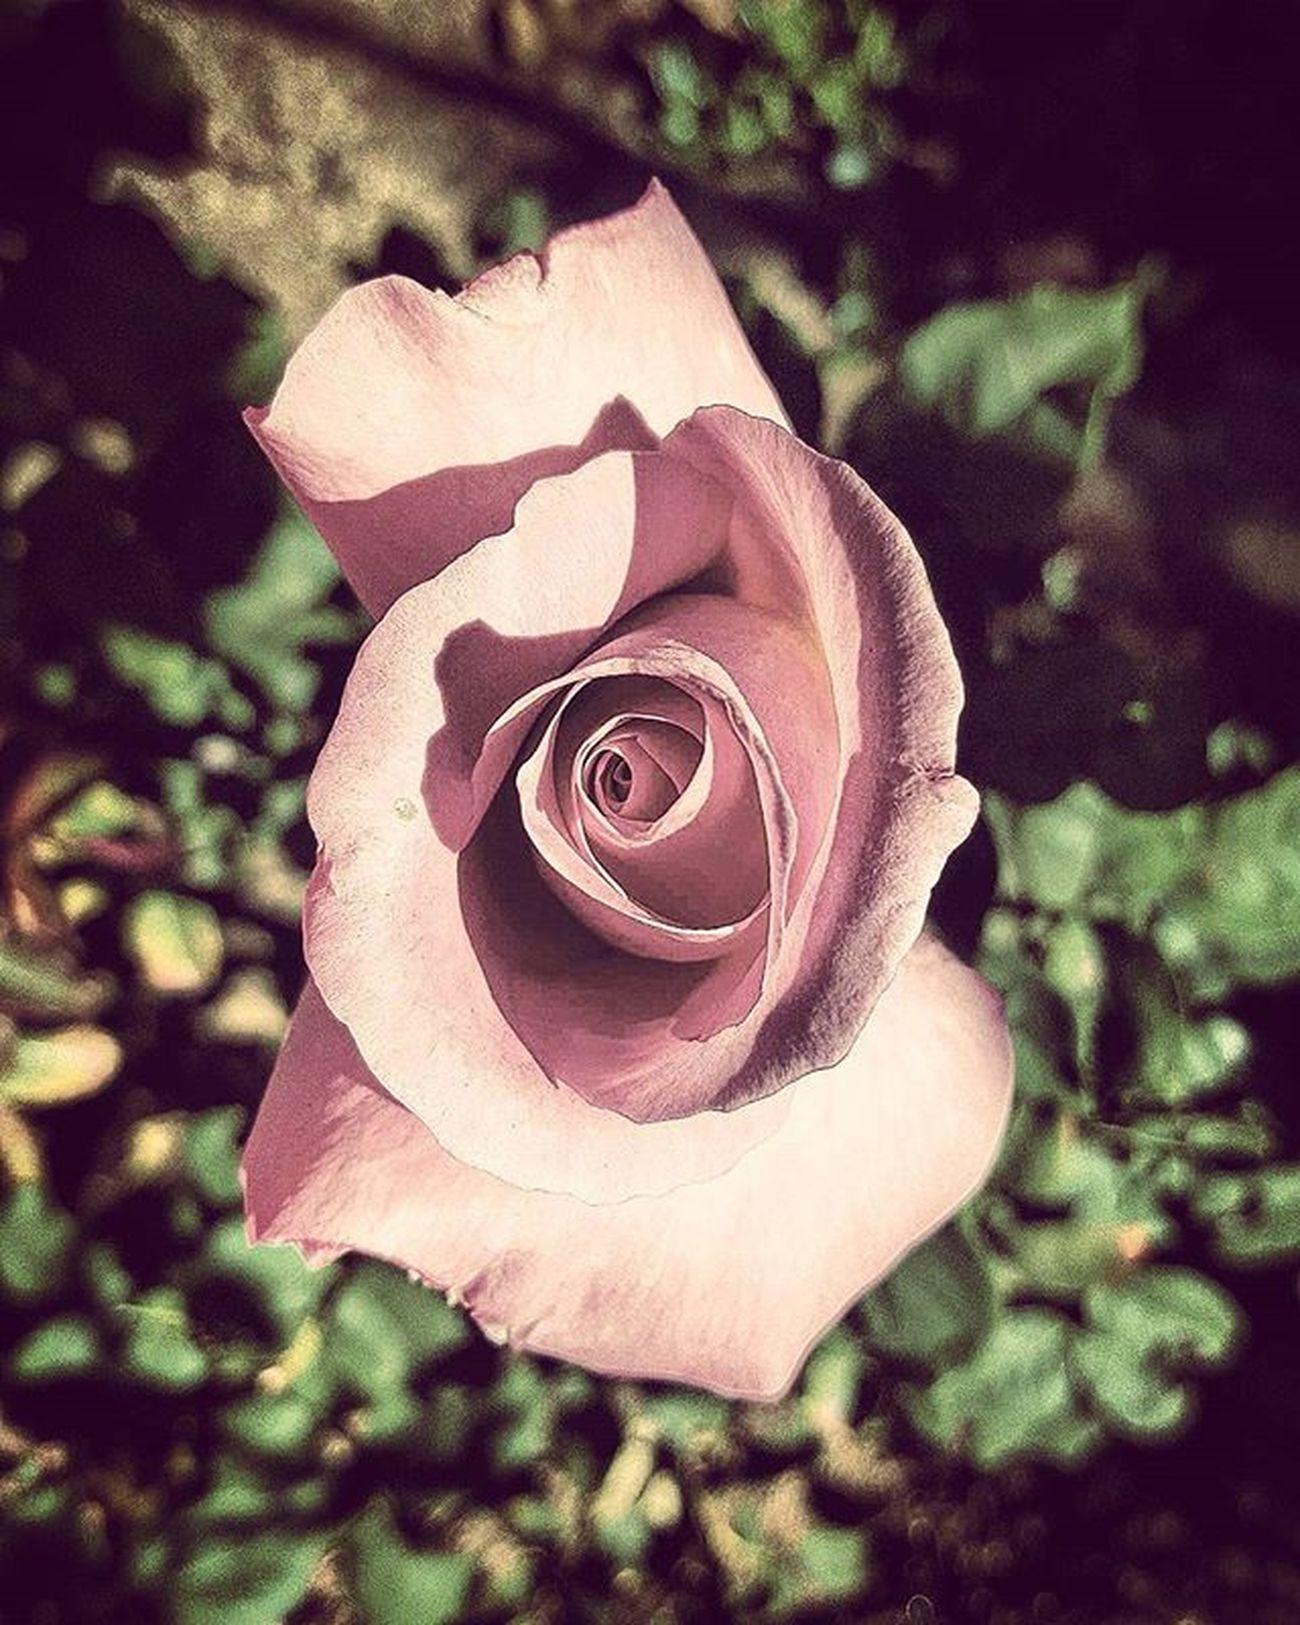 Rosé Fade Flowers Pink Desertlife Desert Desertrose Livelife Lovelife NeverForget